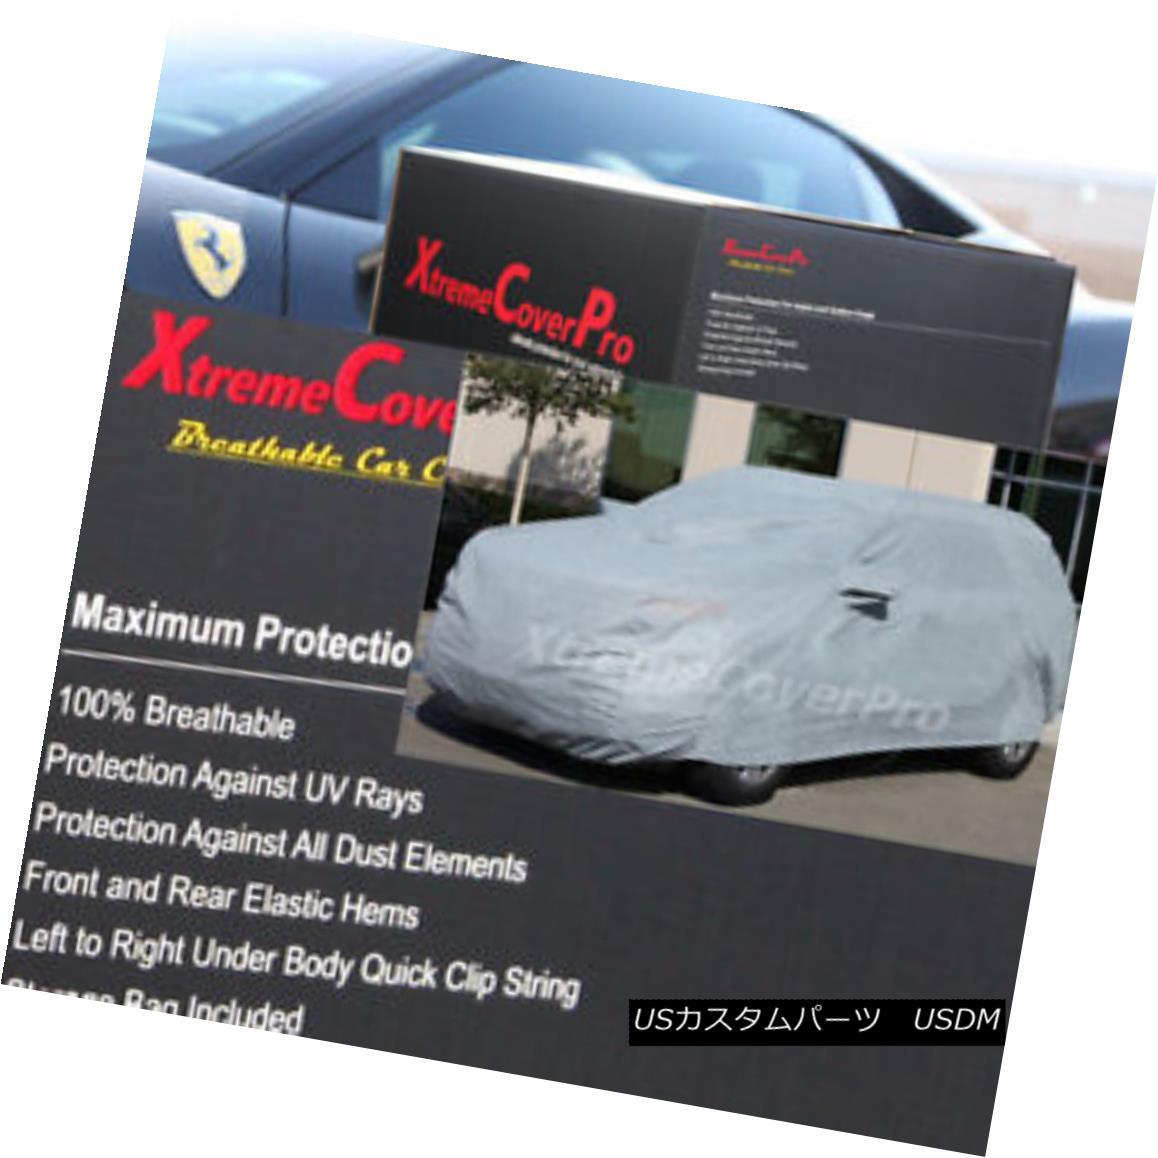 カーカバー 2001 2002 2003 2004 2005 Pontiac Aztek Breathable Car Cover w/MirrorPocket 2001年2002年2003年2004年2005年ポルティアック・アズテック通気性車カバー付きMirrorPocket